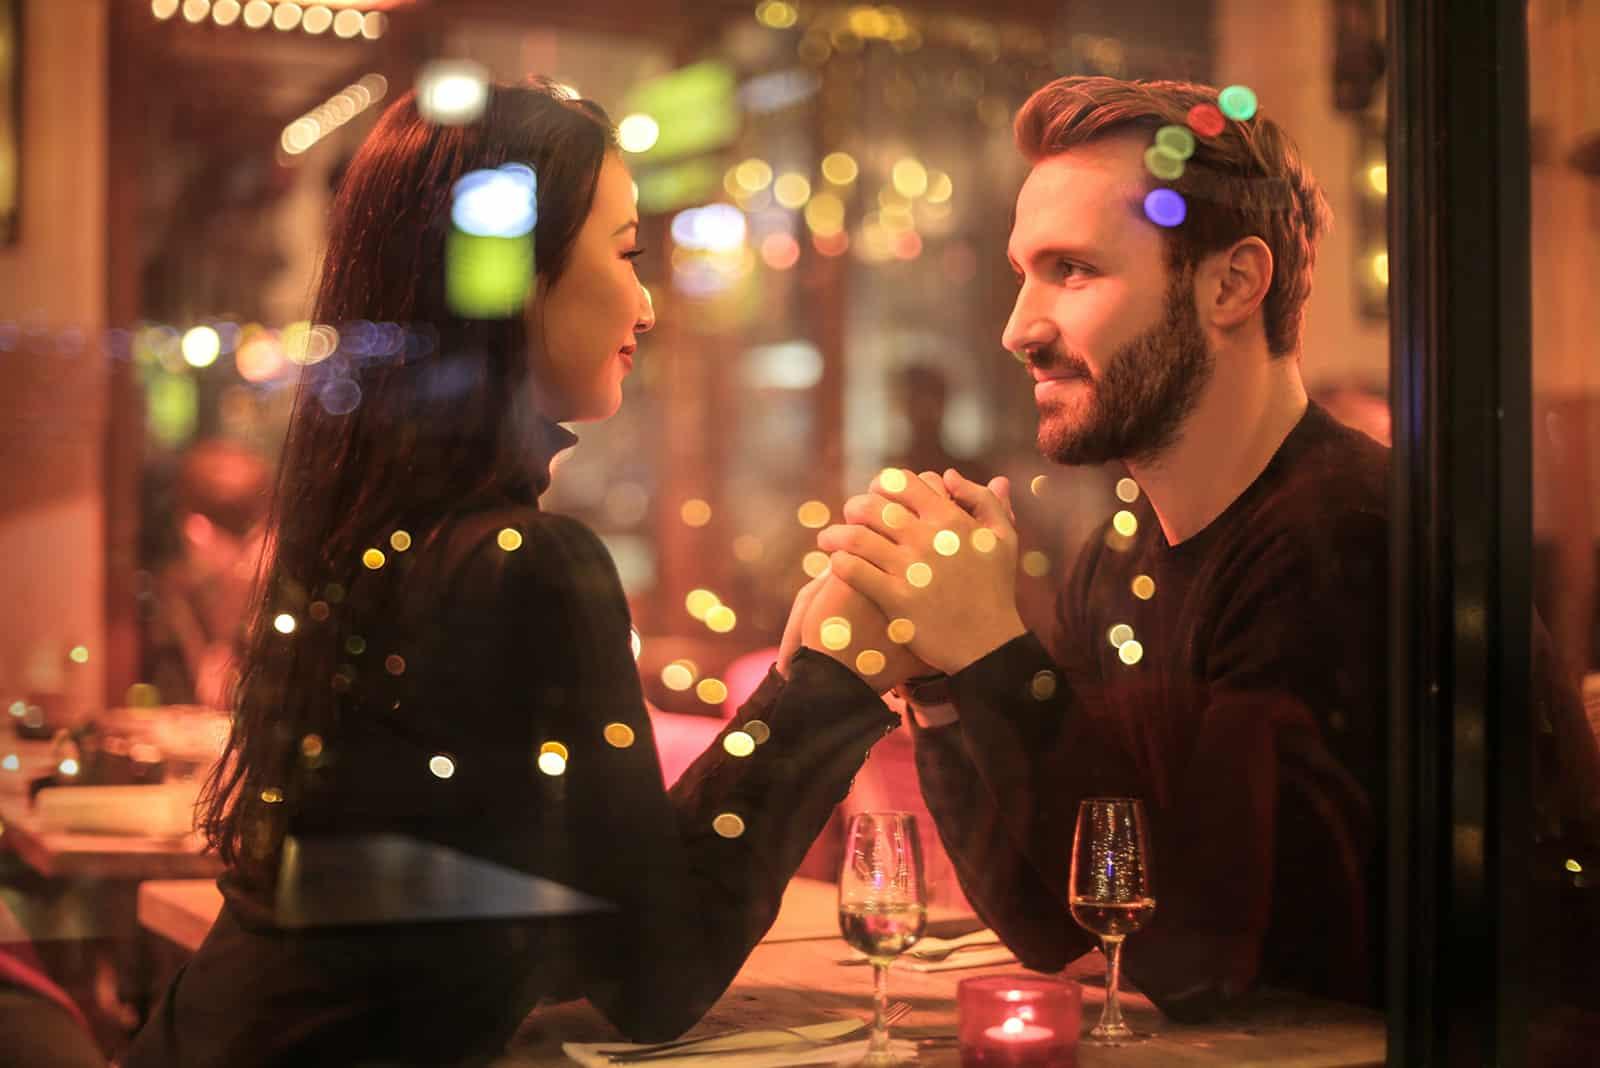 Liebespaar Händchen haltend in einem romantischen Restaurant